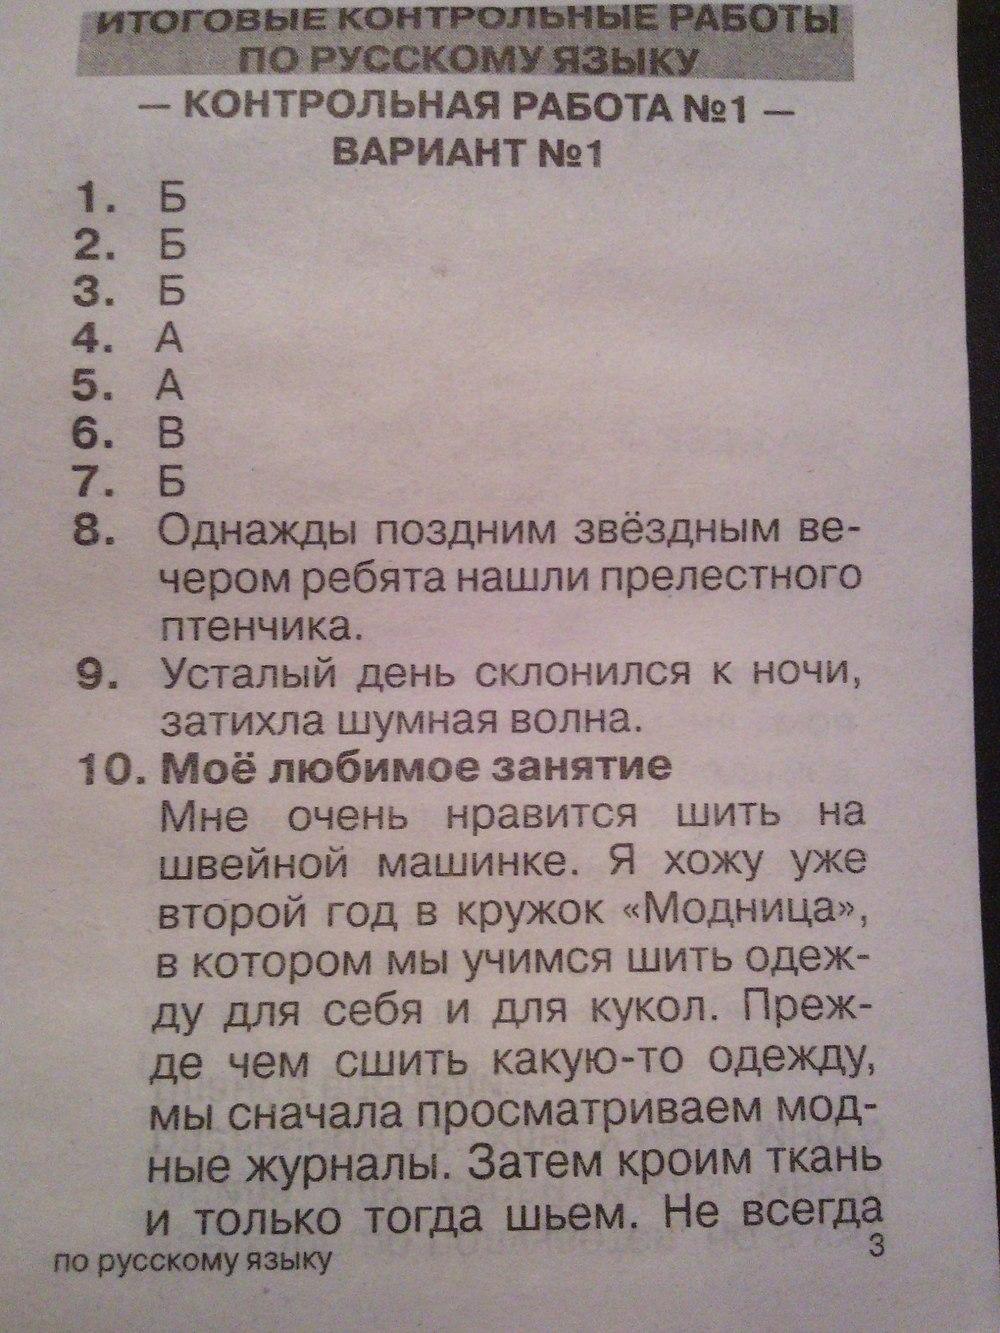 ГДЗ рабочие тетради 5 класс тесты. Задание: стр. 3